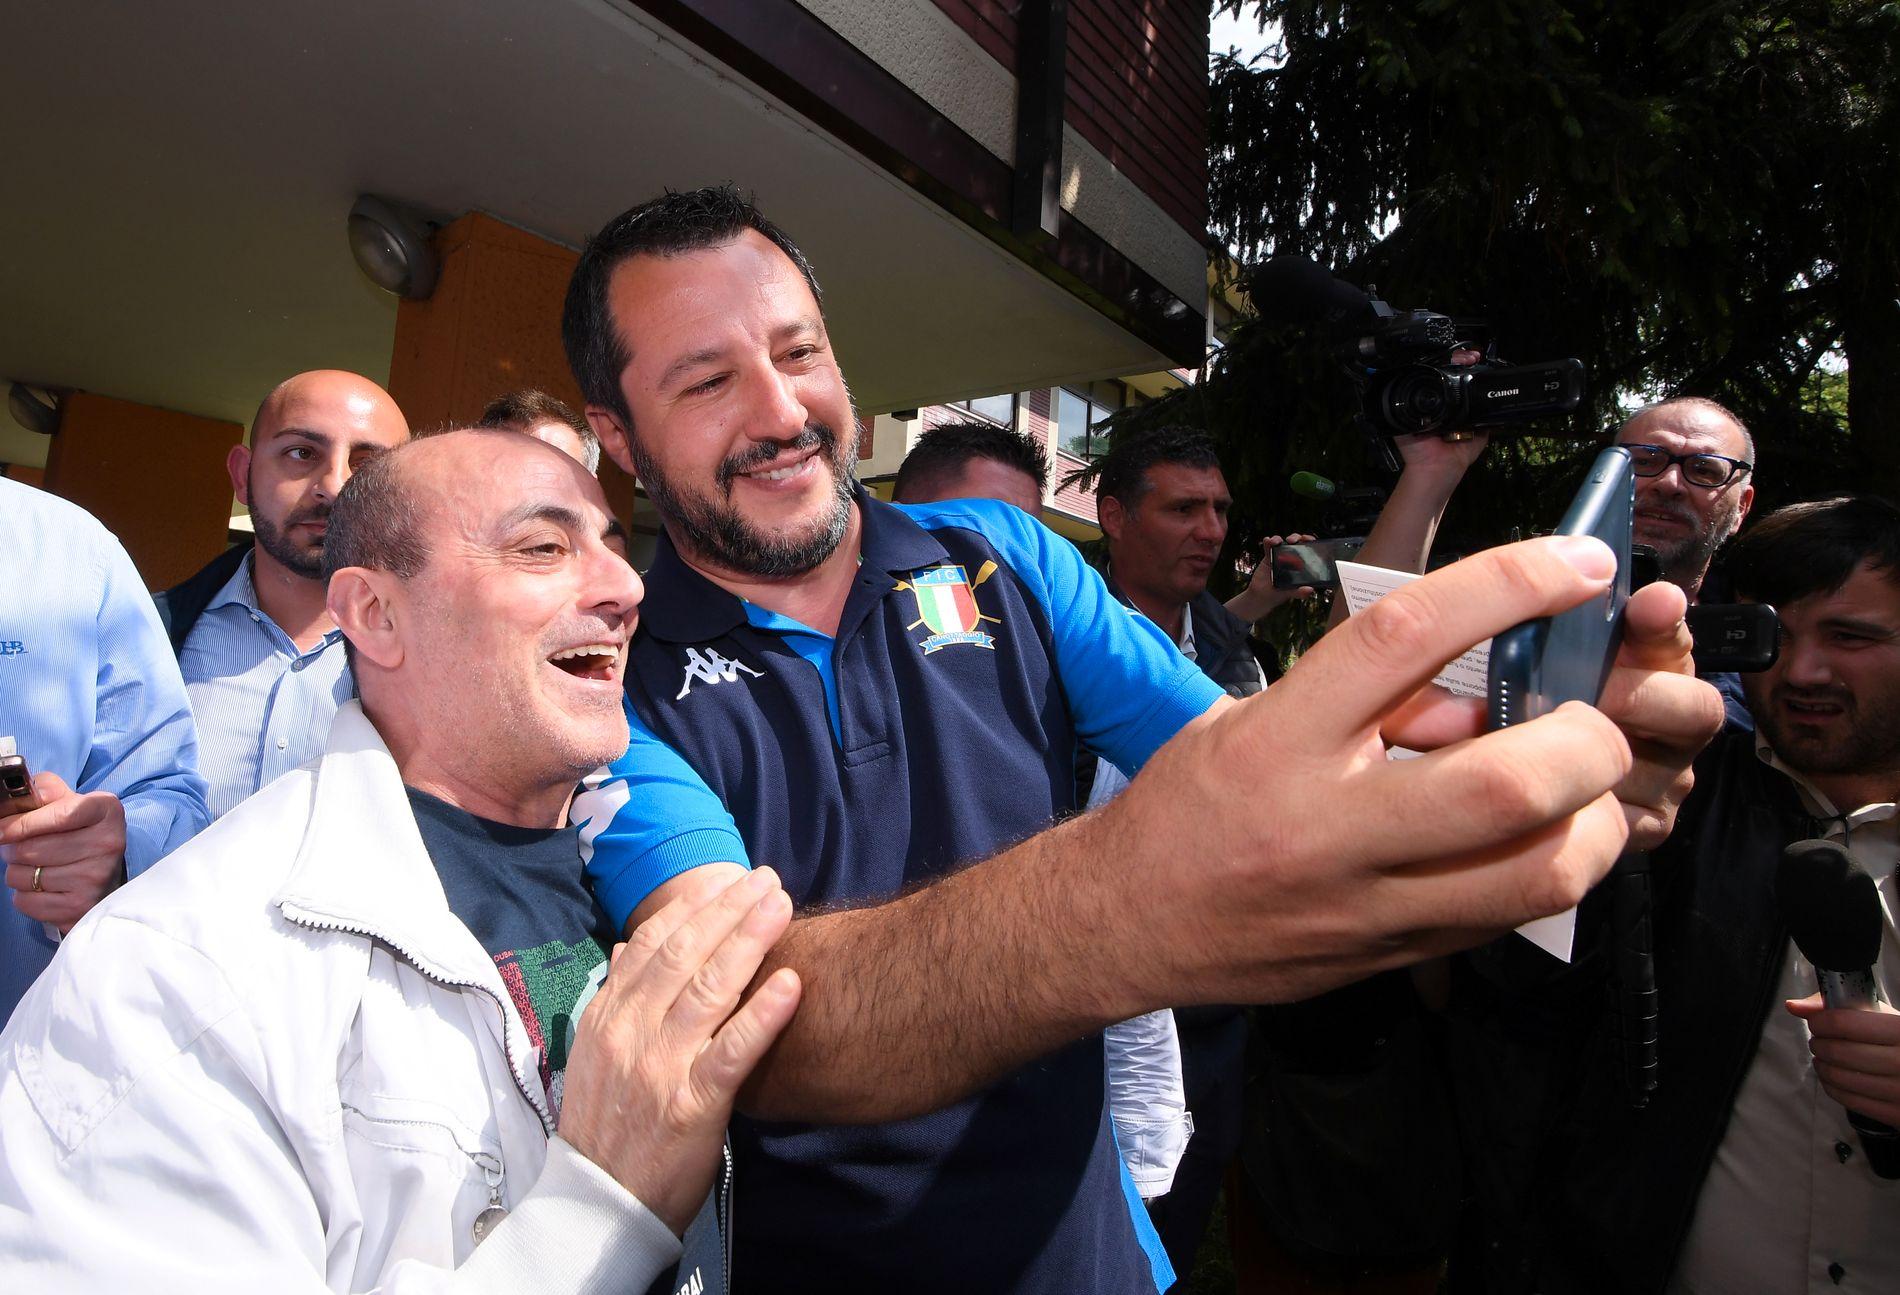 STØRST HHEMME: Italias Lega-leder Matteo Salvini tar selfie med en tilhenger etter å ha avgitt sin stemme ved EU-valget søndag. Hans parti blir størst på den ytterliggående høyresiden i det nye EU-parlamentet.